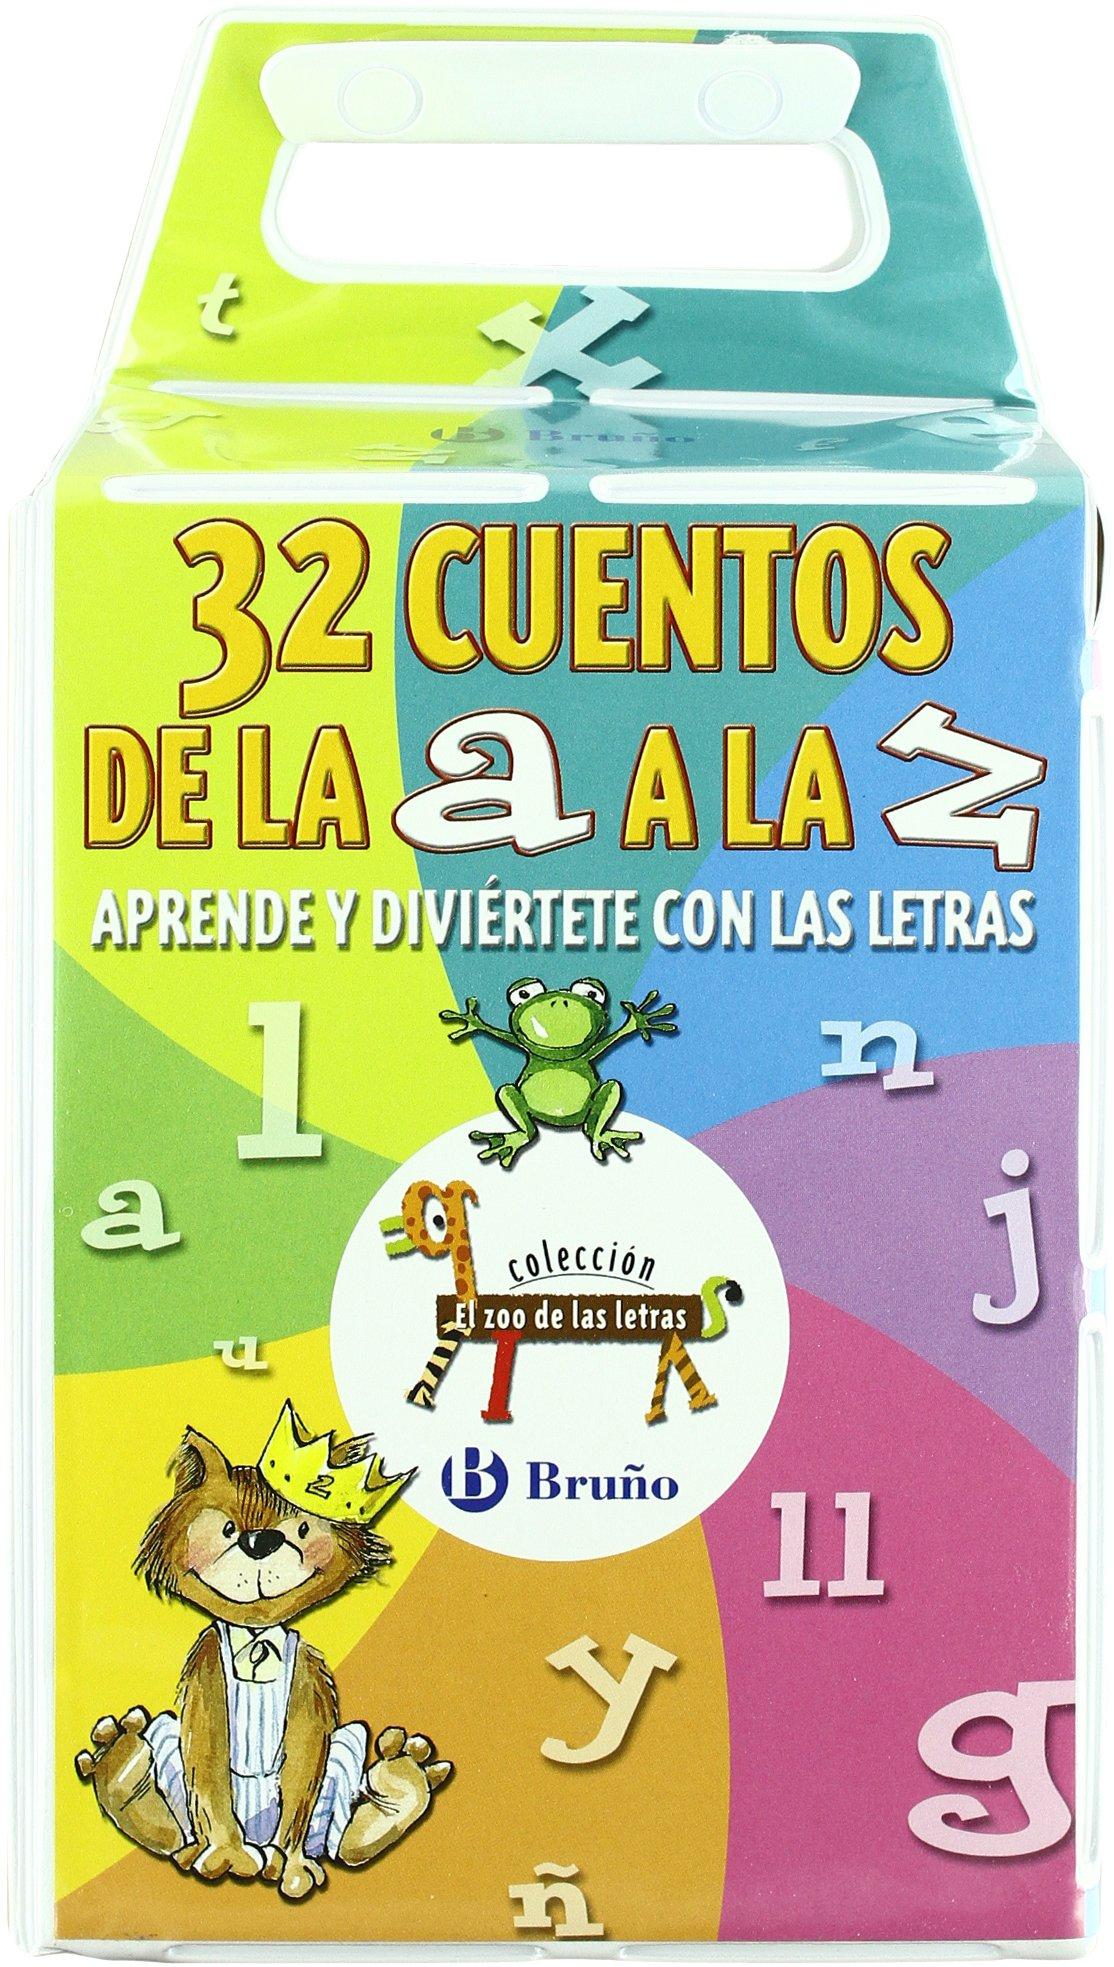 32 Cuentos de la A a la Z Castellano - A Partir De 3 Años - Libros  Didácticos - El Zoo De Las Letras: Amazon.es: Beatriz Doumerc, Tría 3:  Libros